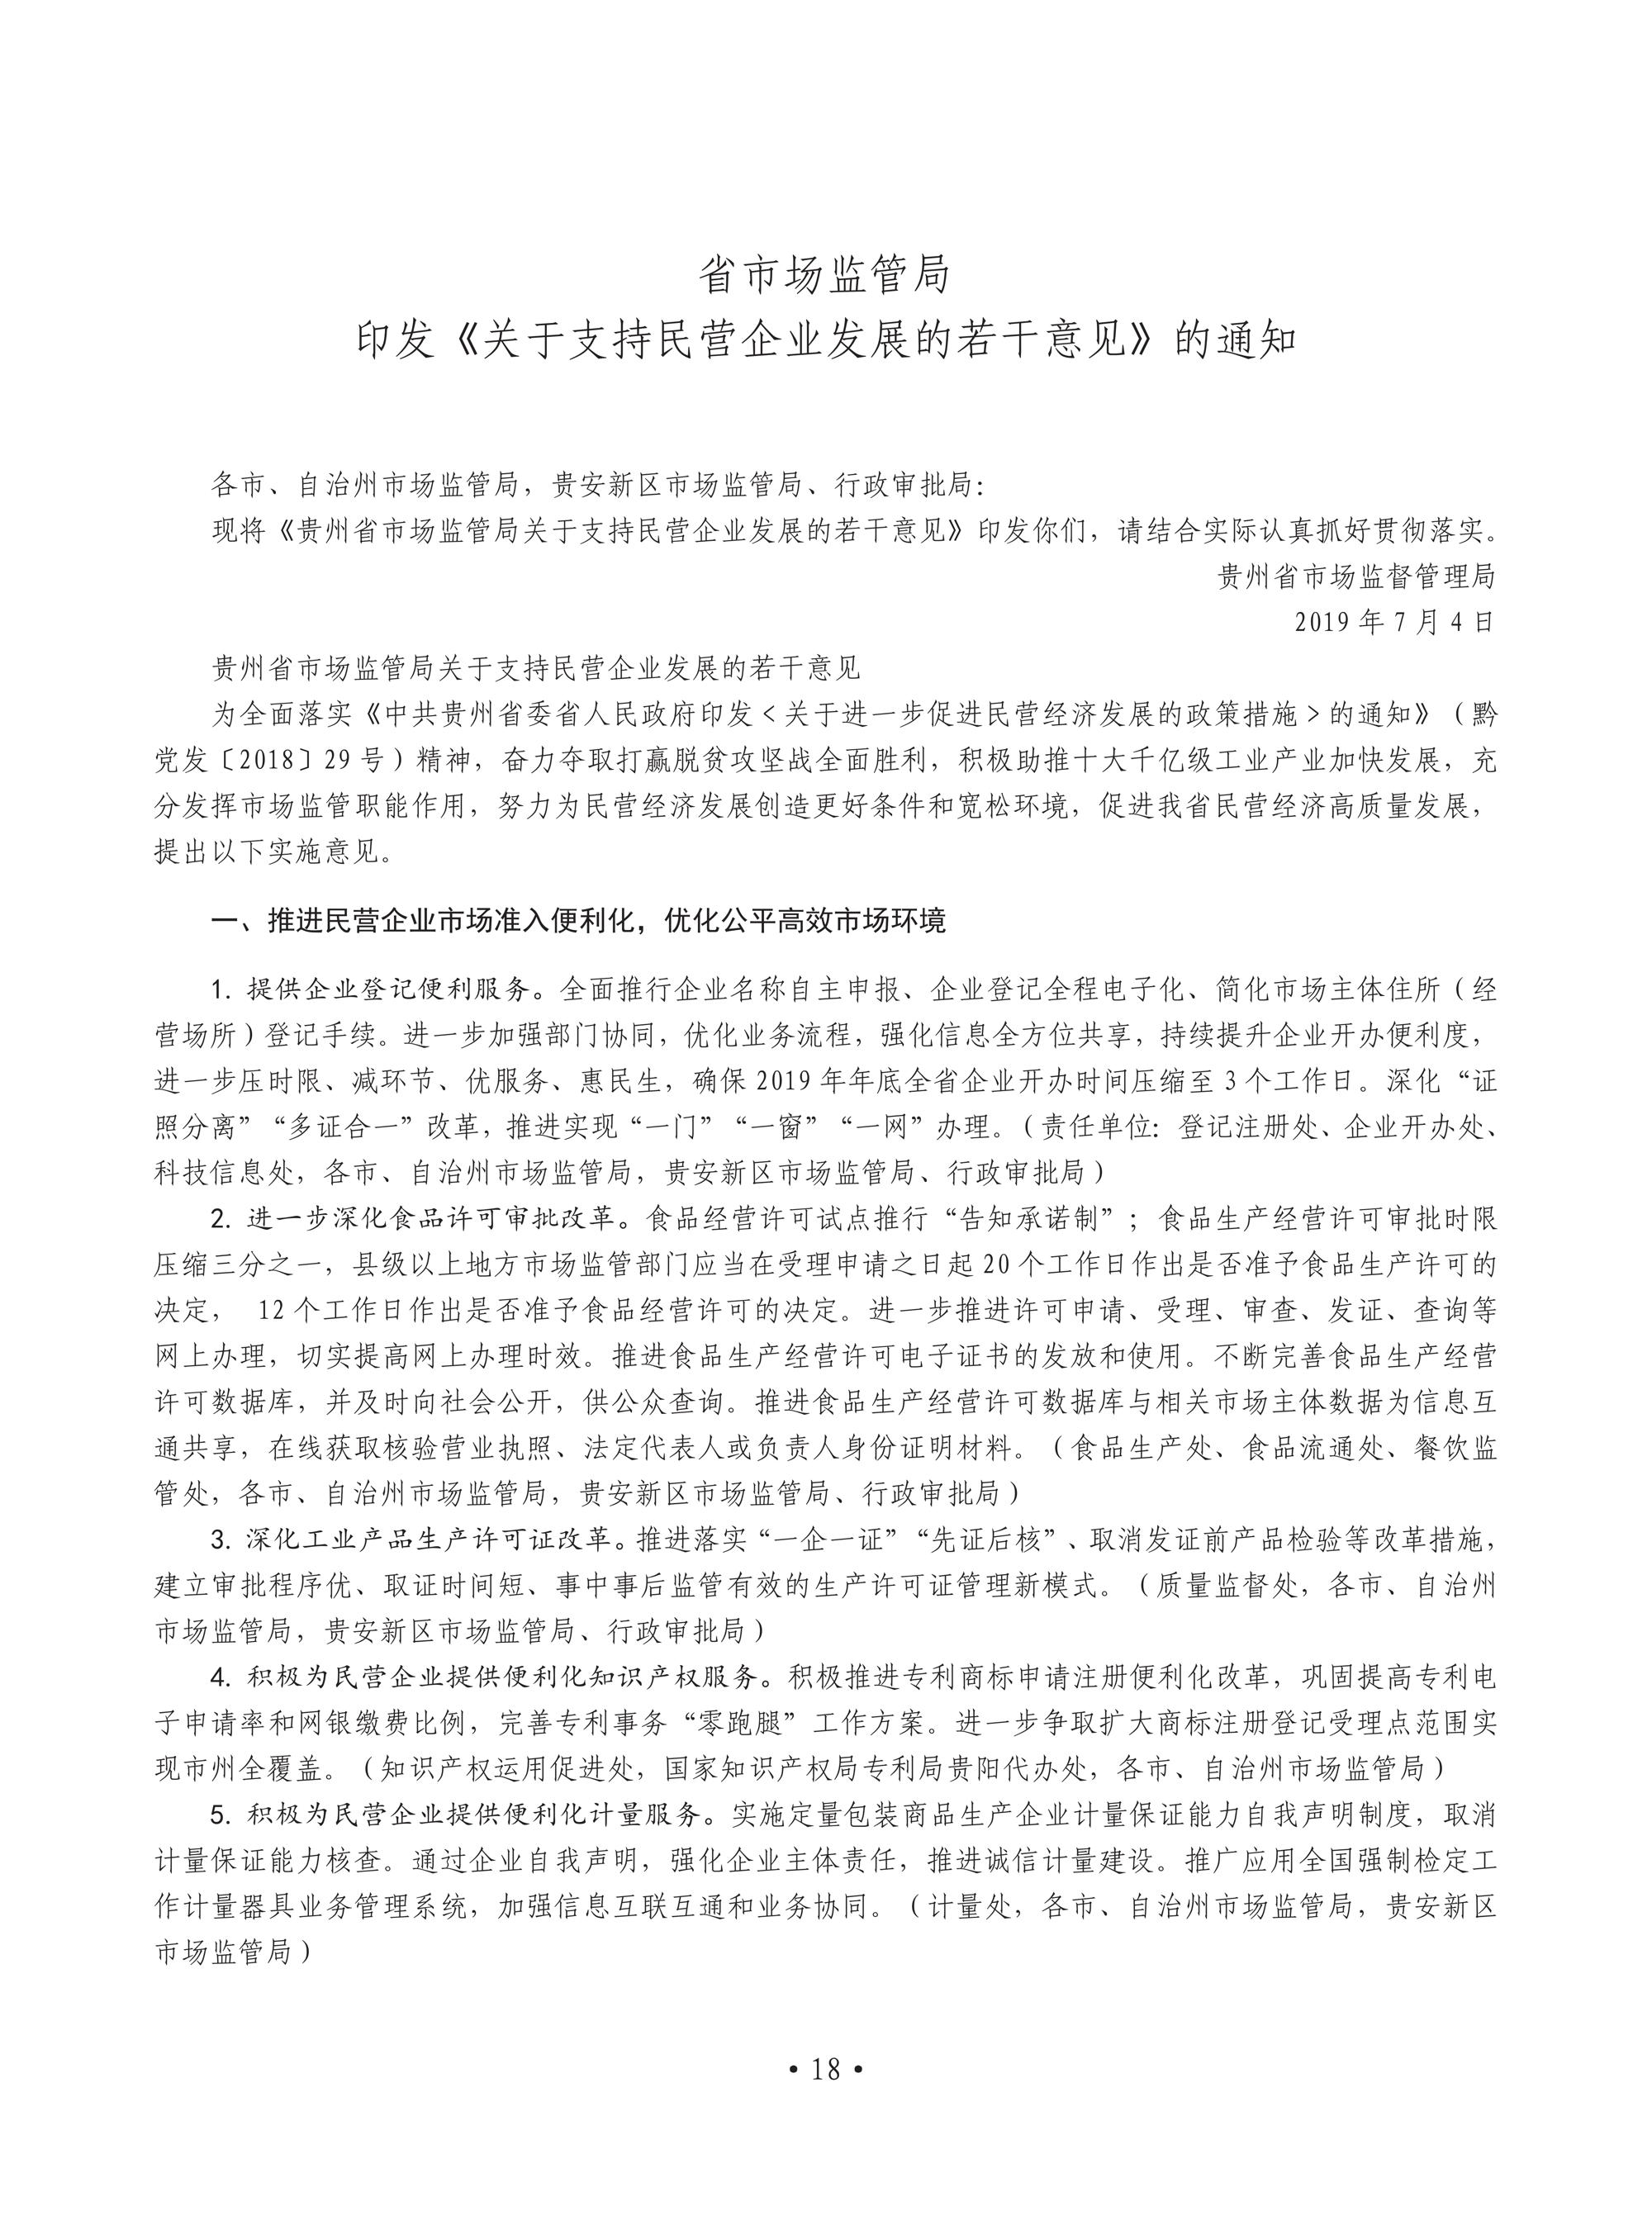 促进中小企业发展政策 11.12(确认印刷)_21.png